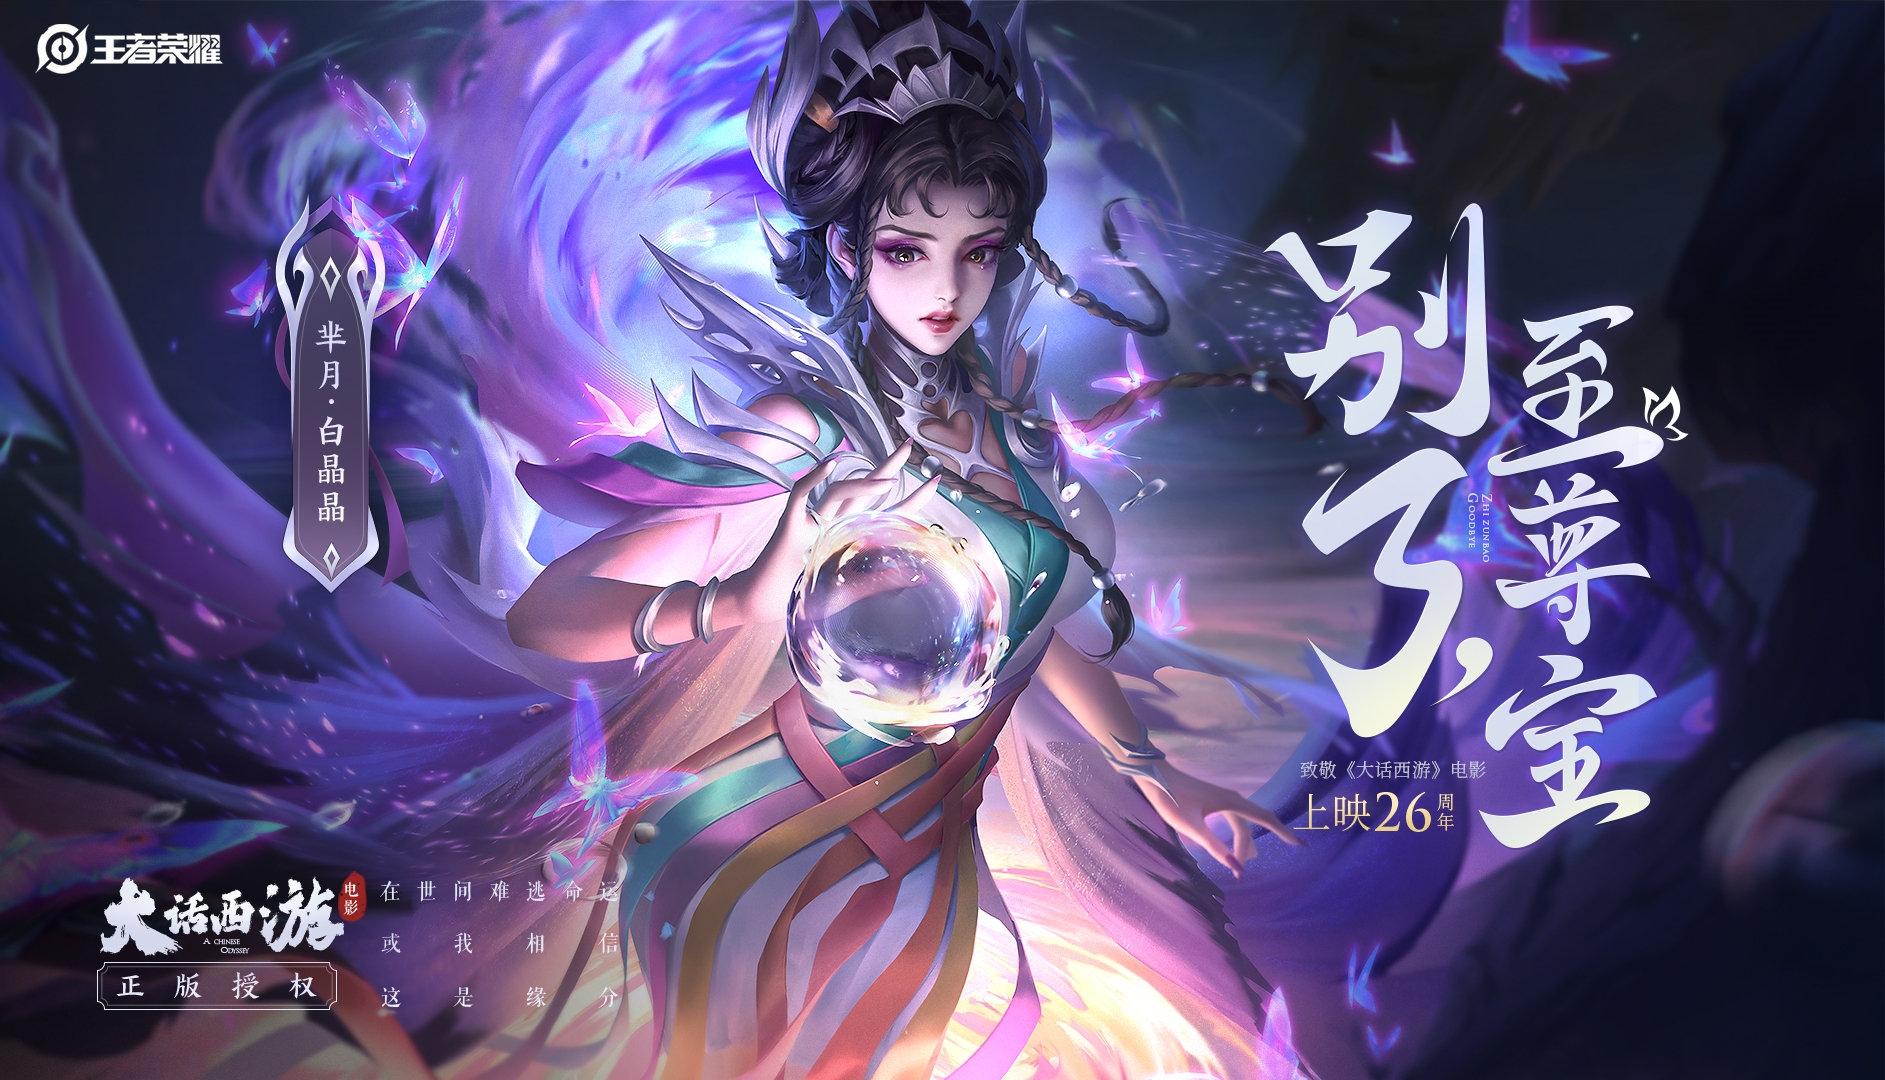 《王者荣耀》芈月新皮肤白晶晶曝光 大话西游正版授权